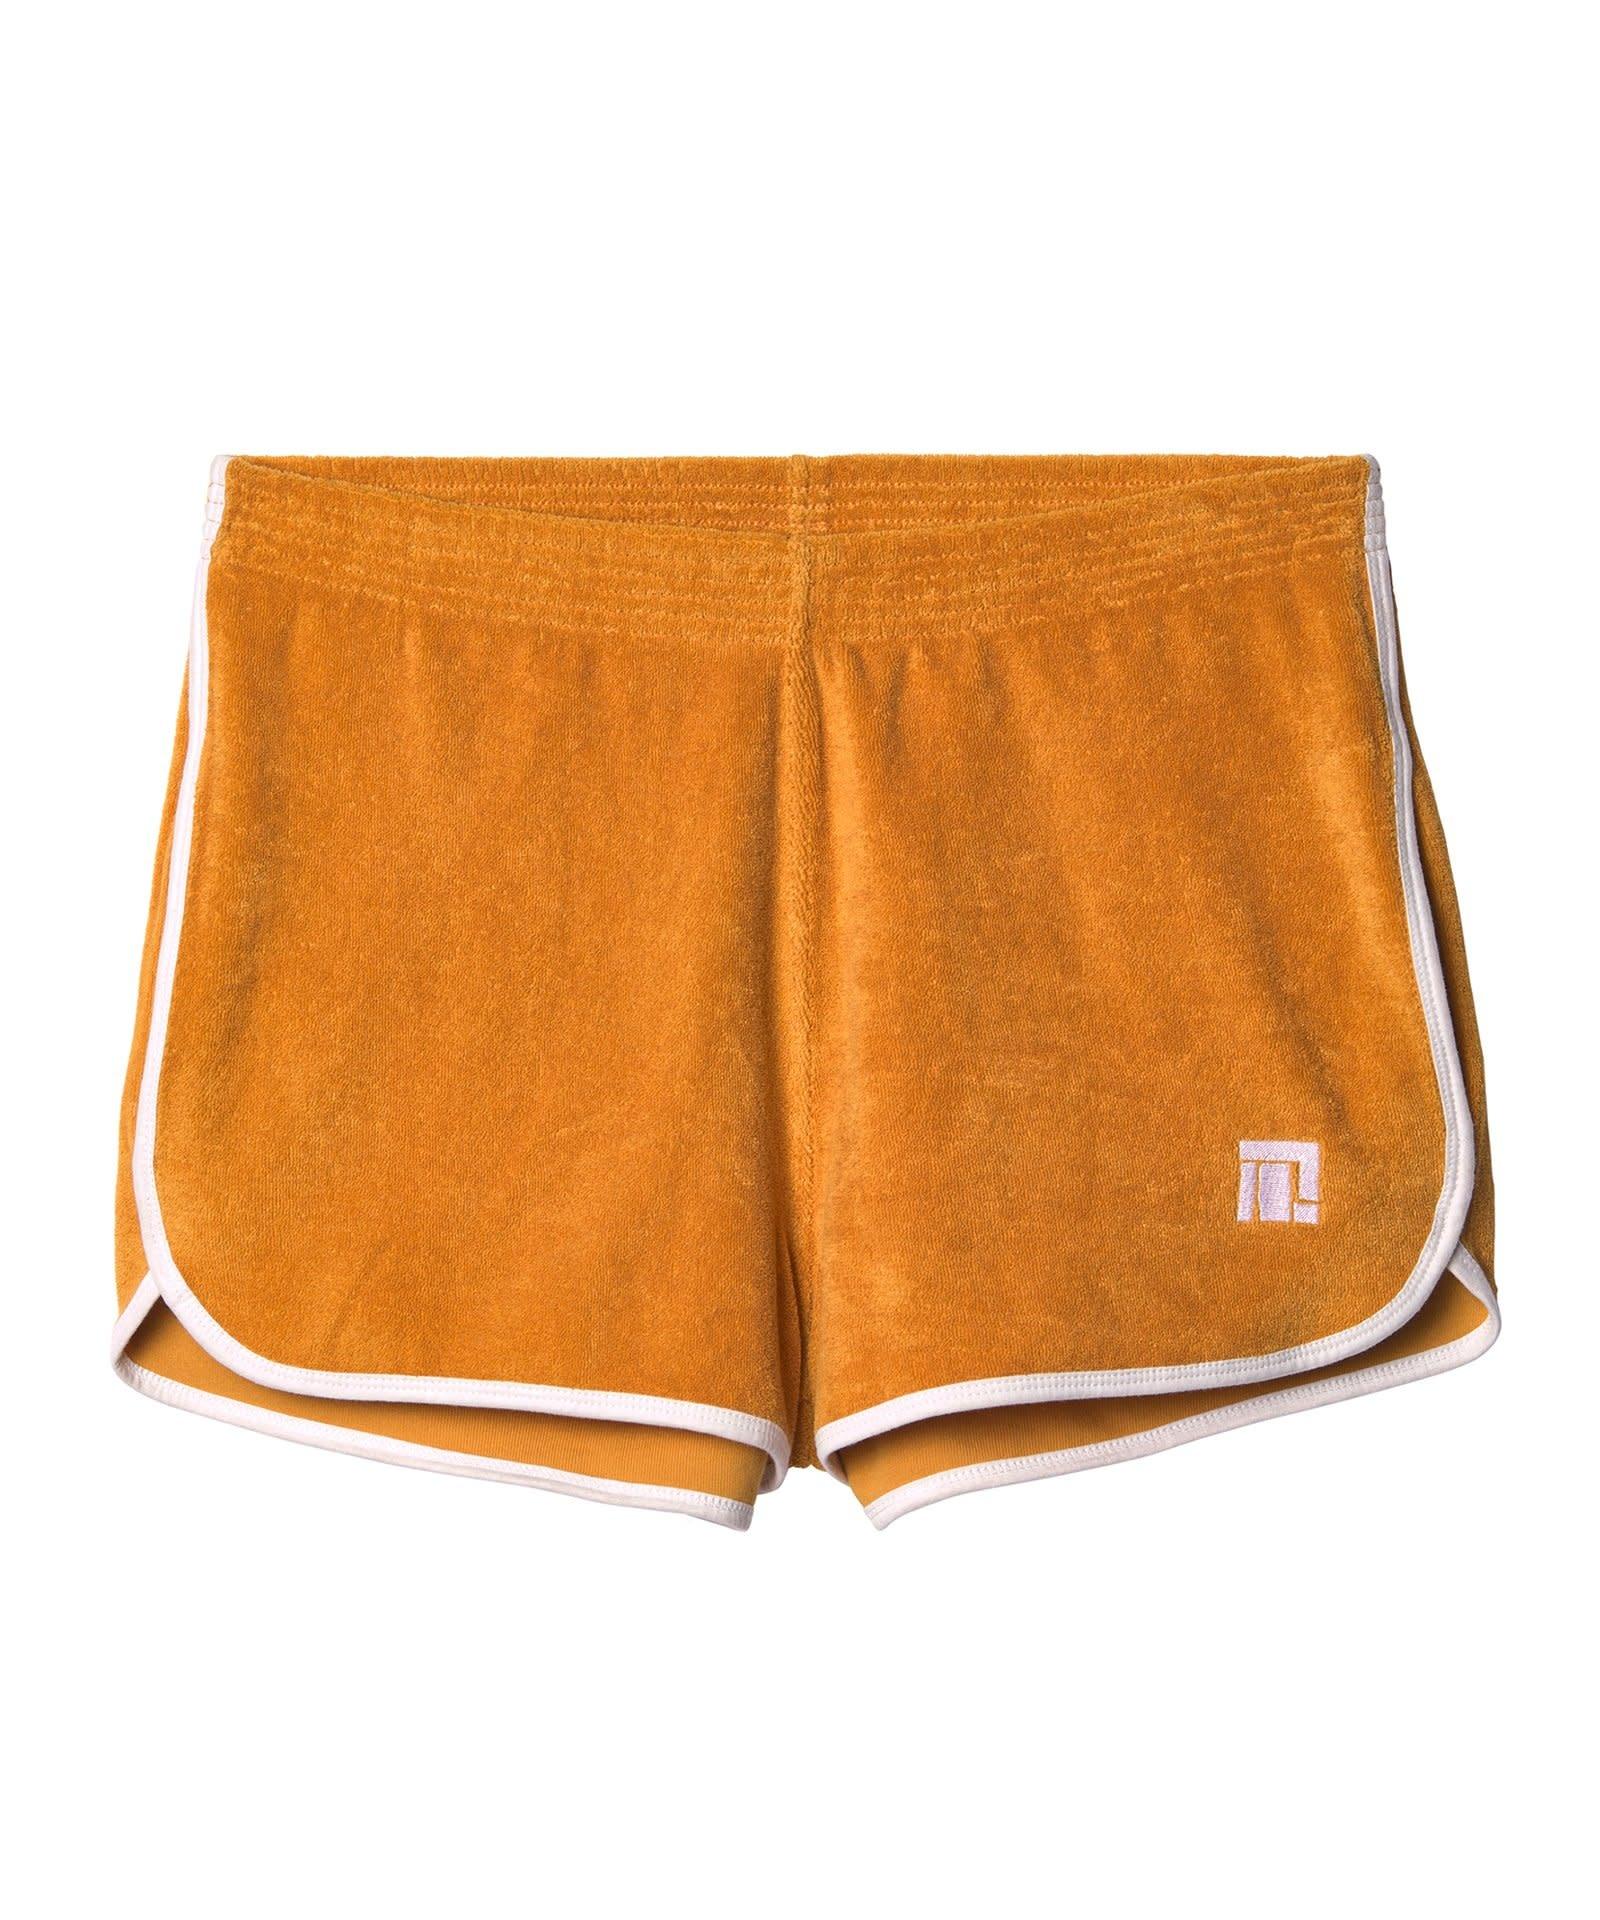 Shorts No7 Terry Emilly Marant-1